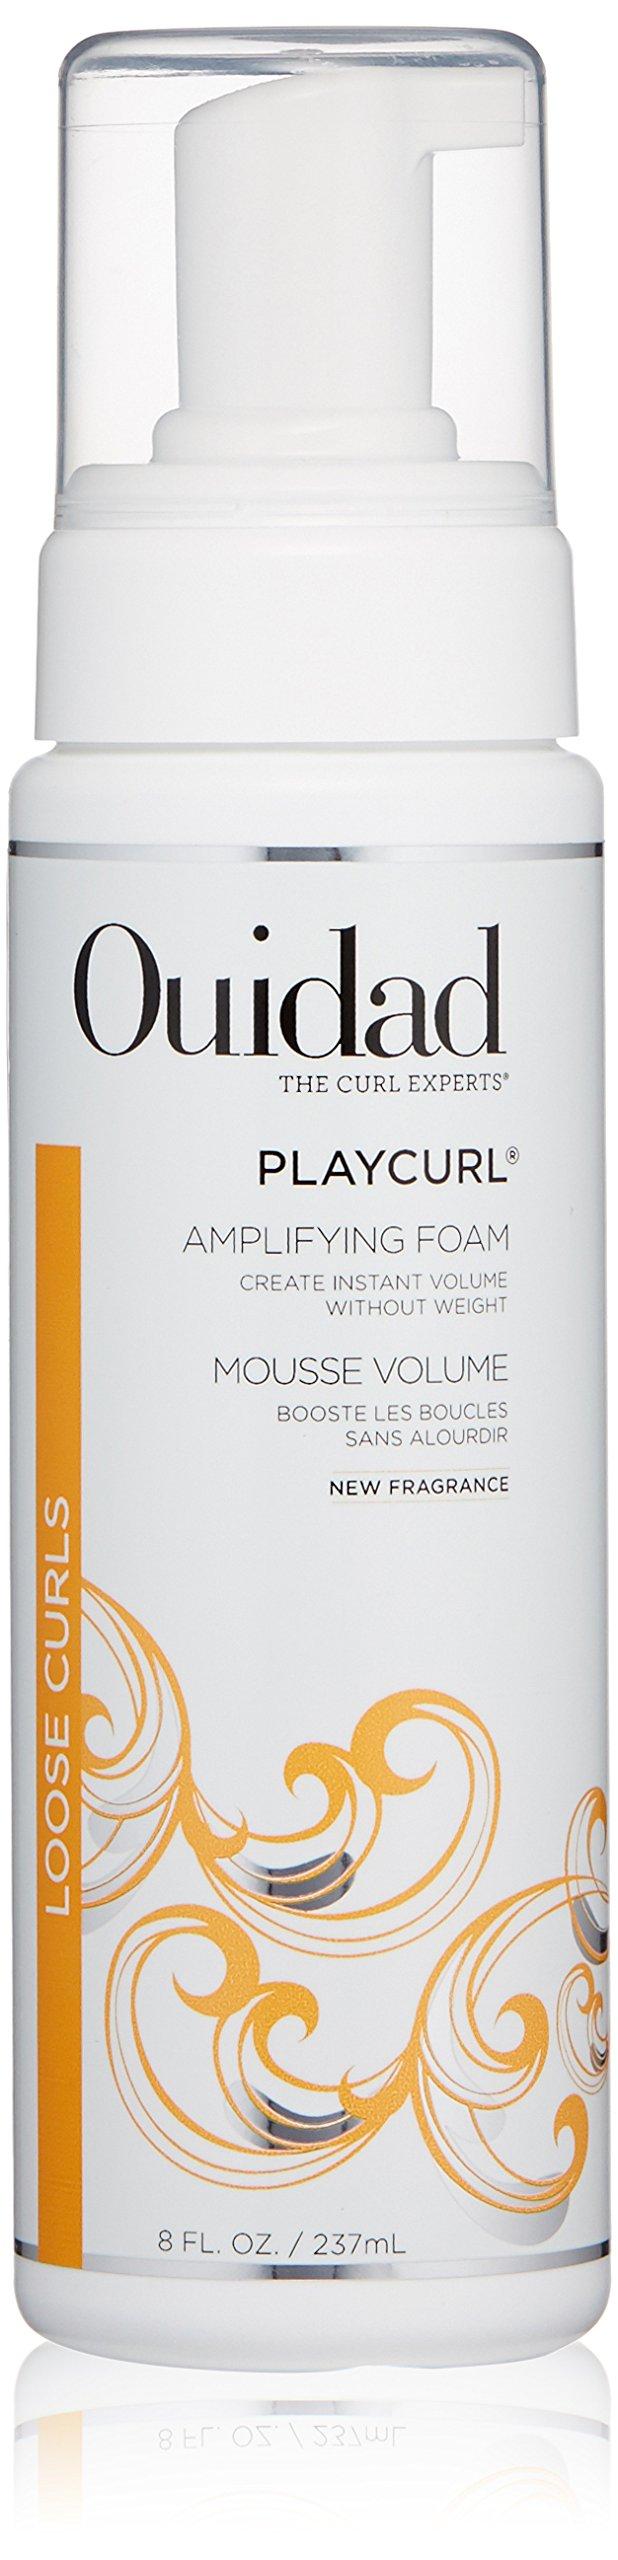 Ouidad PlayCurl Curl Amplifying Foam for Unisex, 8 Fl Oz by Ouidad